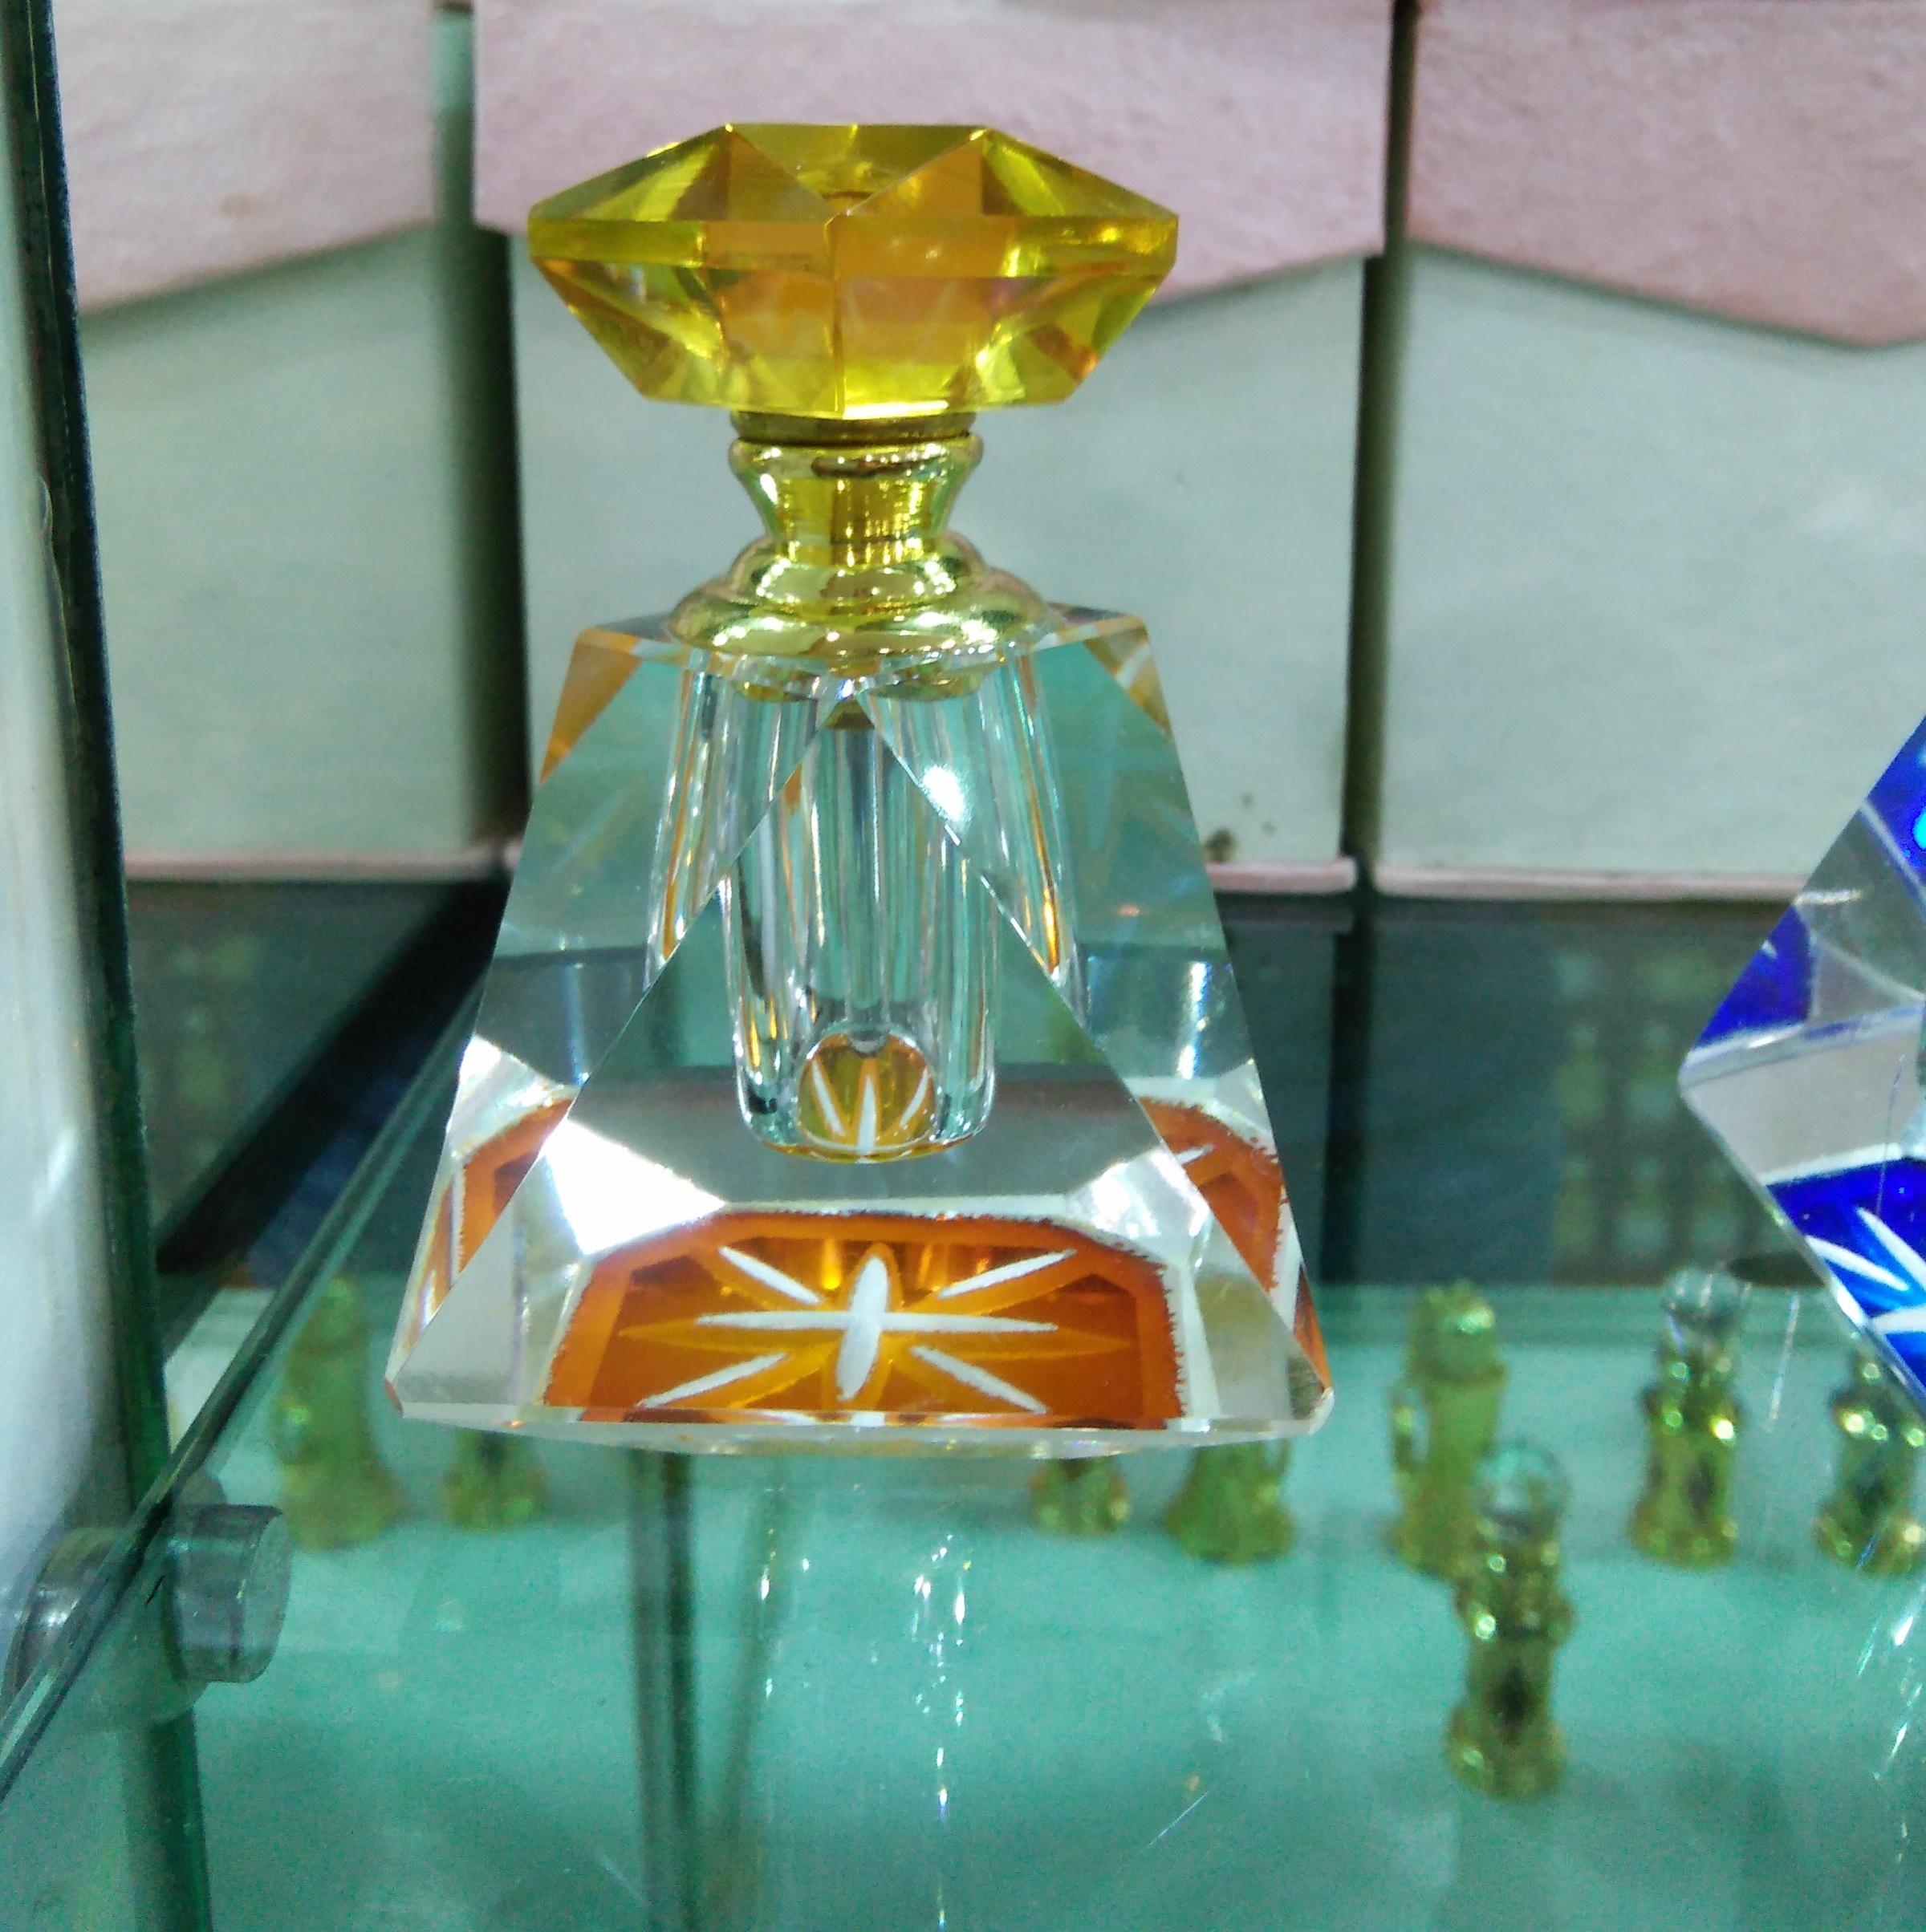 ขวดแก้วสำหรับใส่น้ำมันกฤษณาขนาด 6ml. แท่งแก้ว ฝาทอง พร้อมกล่องกระดาษสวย